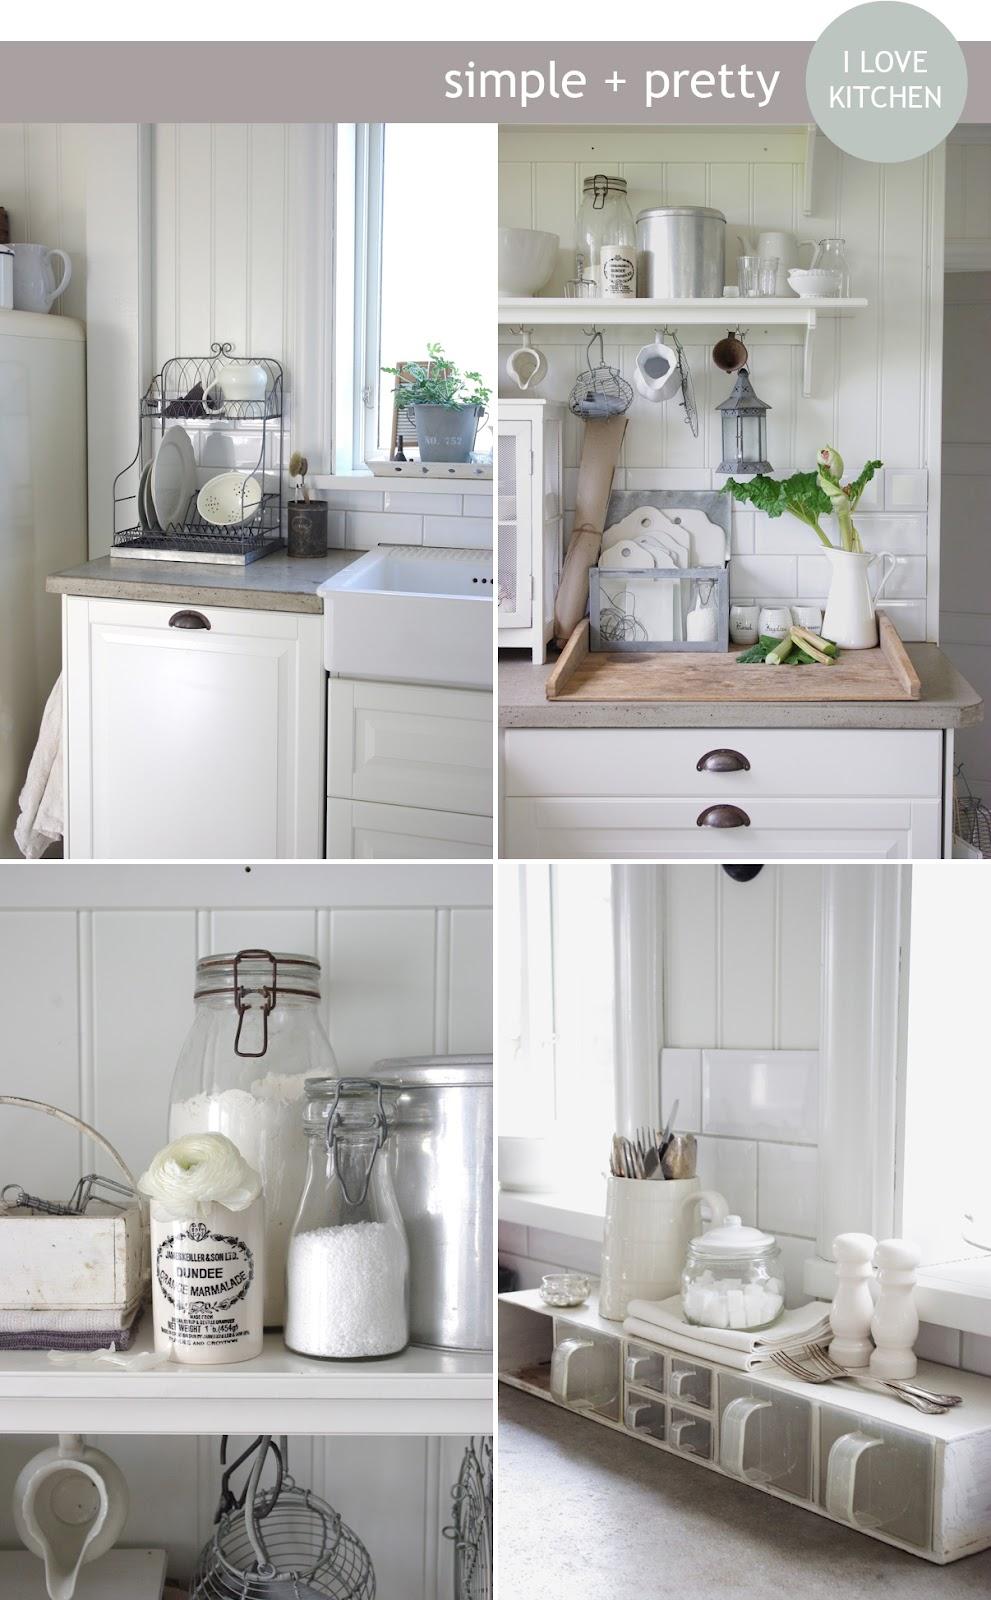 Stile nordico semplice e originale shabby chic interiors - Casa stile nordico ...